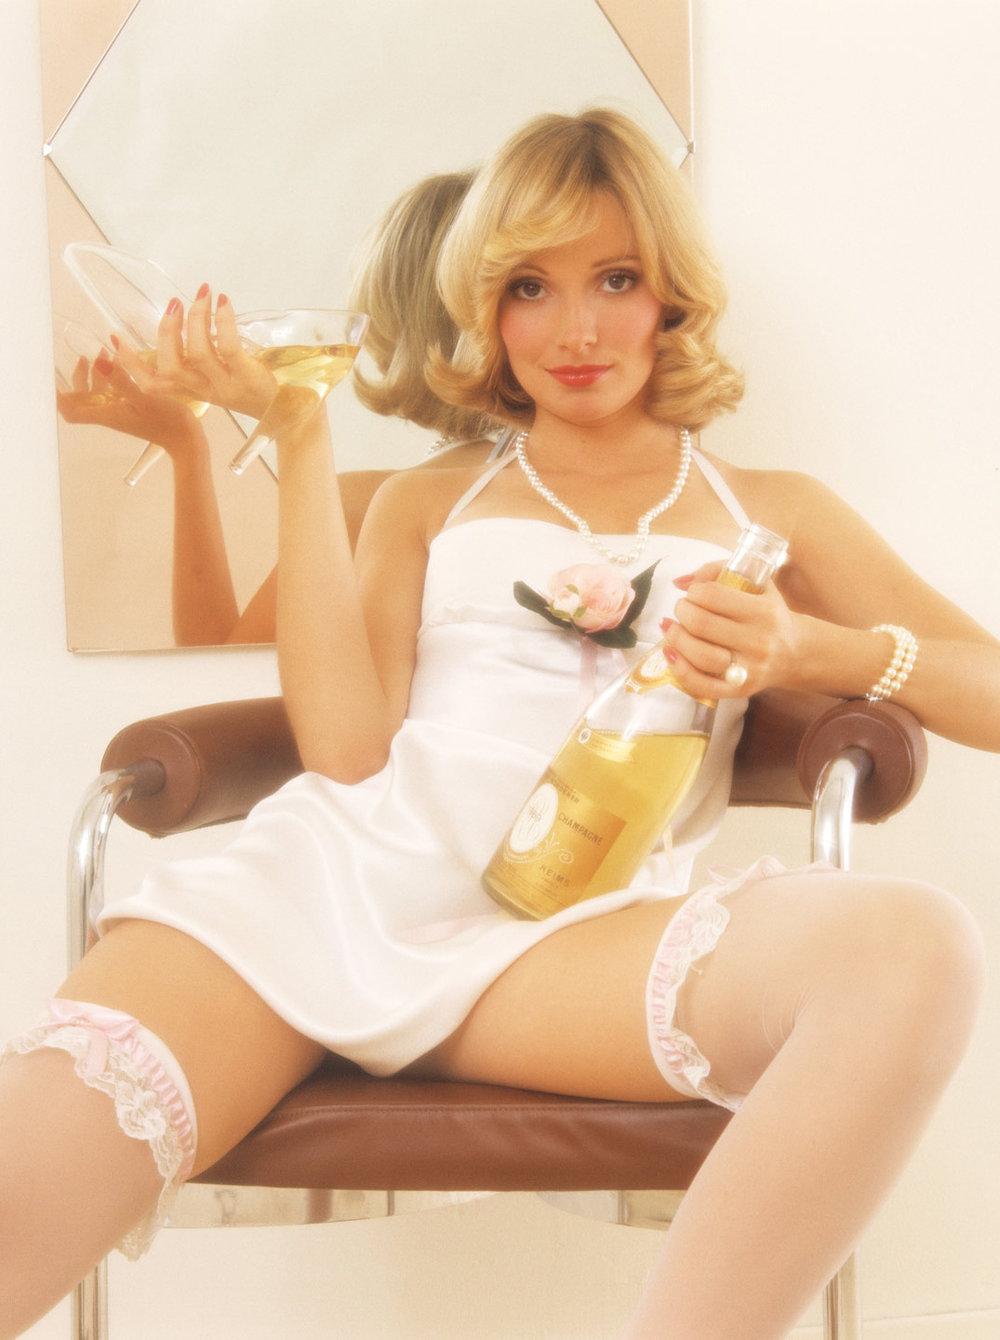 Cyndi Wood Playboy Playmate Of The Year 1974 11.jpg